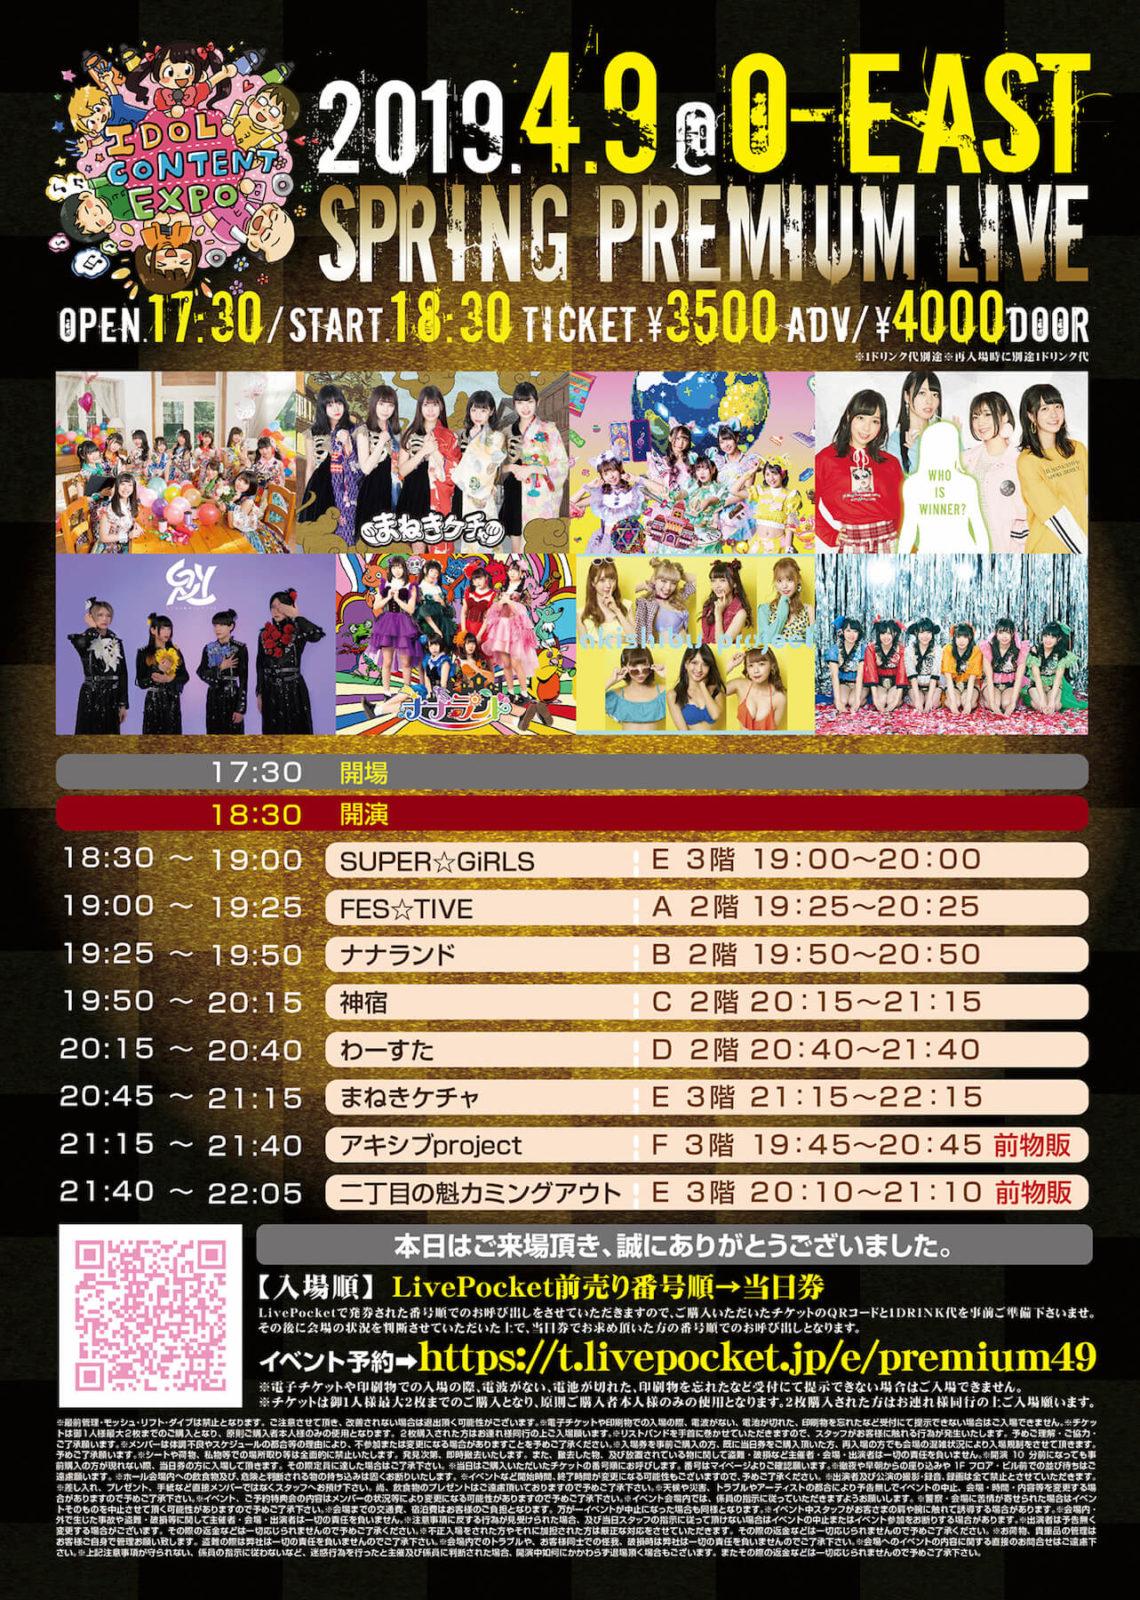 武道館級アイドルグループが大集結!『IDOL CONTENT EXPO~Spring Premium Live~』開催サムネイル画像